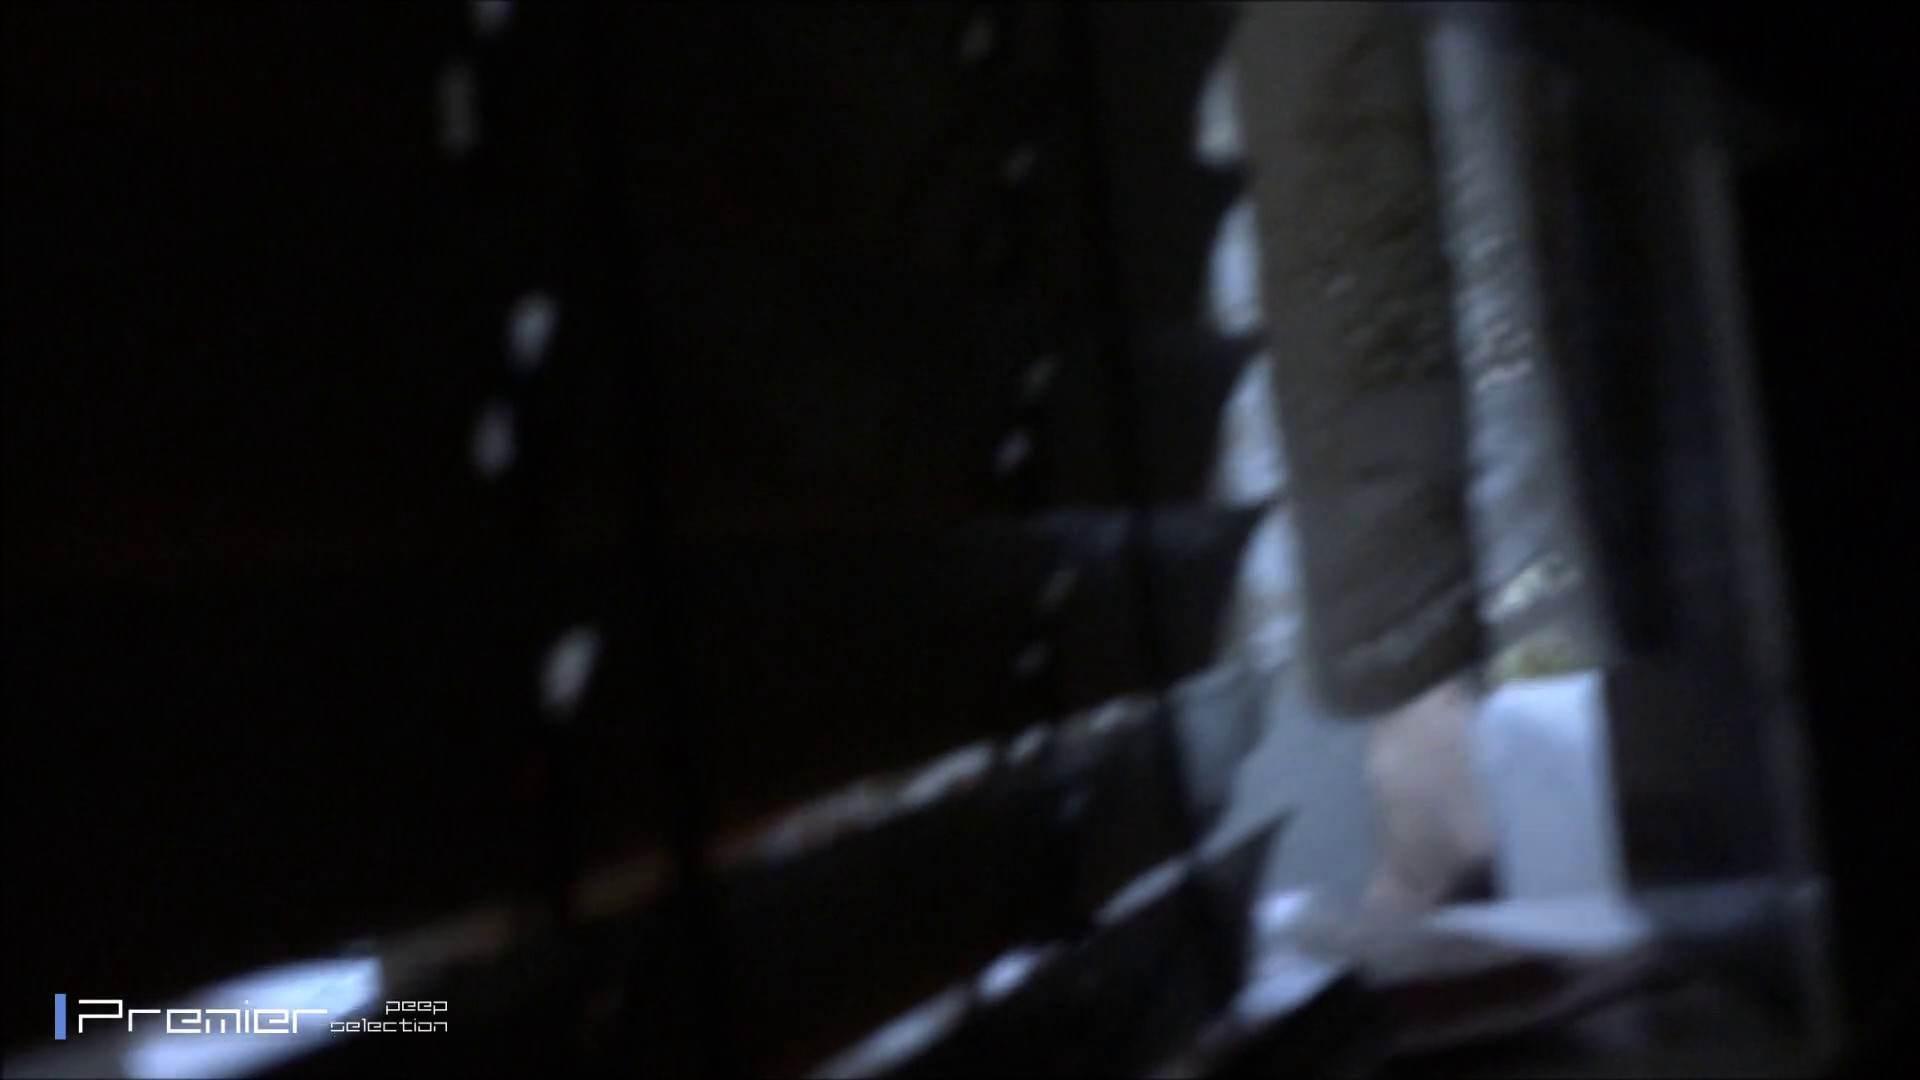 高画質フルハイビジョン スレンダー美女の入浴 乙女の風呂場 Vol.04 入浴 おまんこ動画流出 76枚 14